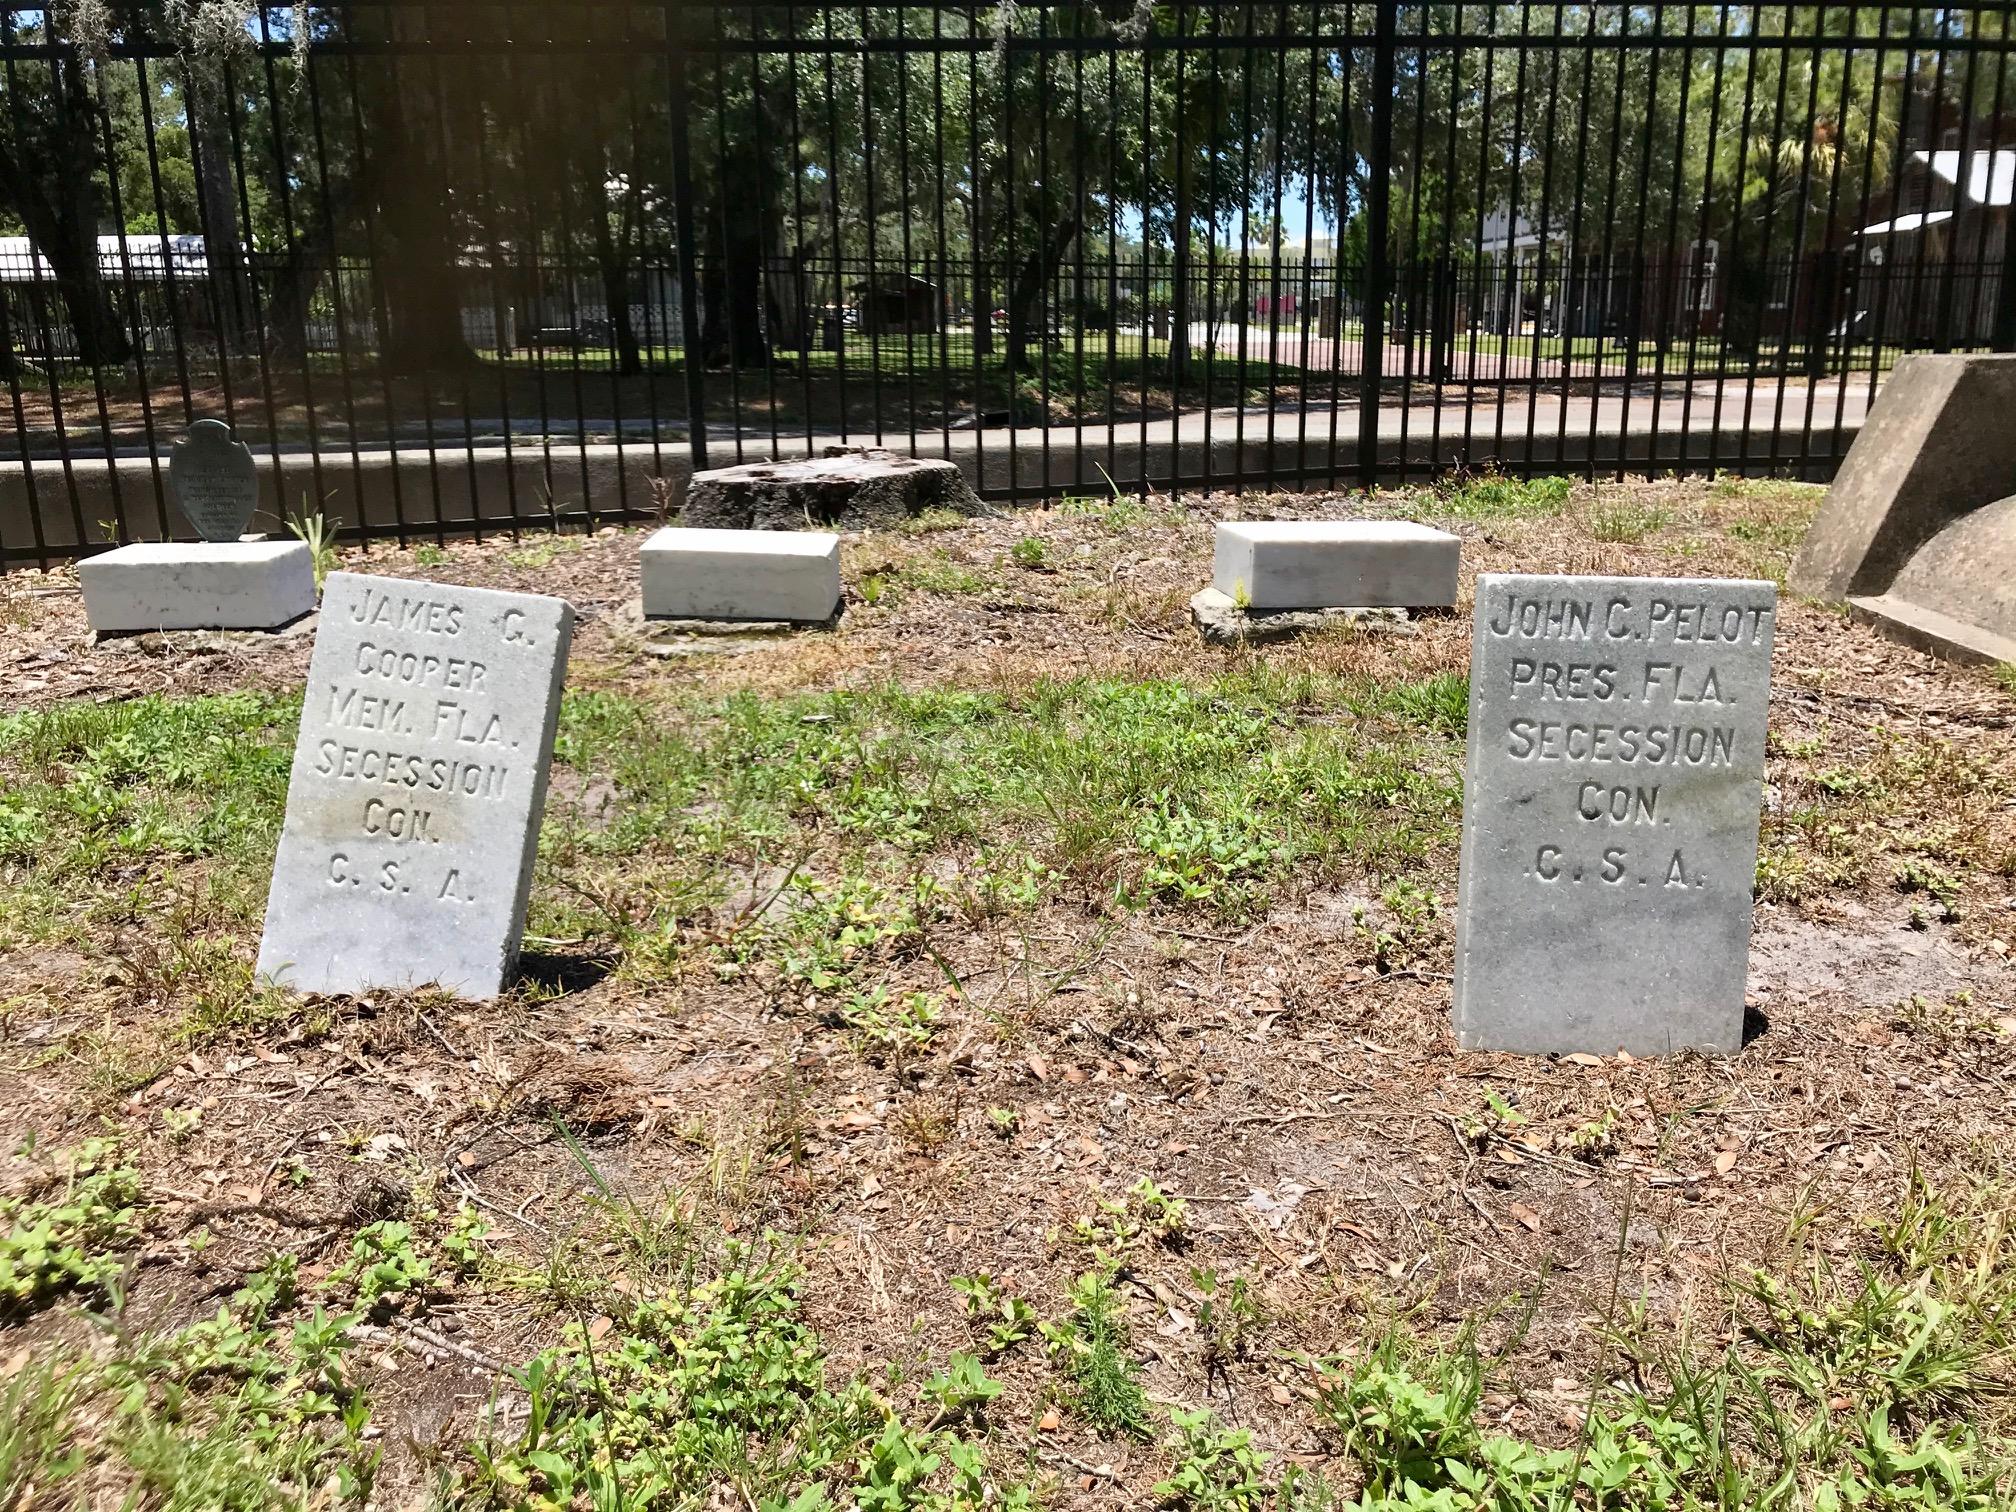 Cooper-Pelot Family Graves